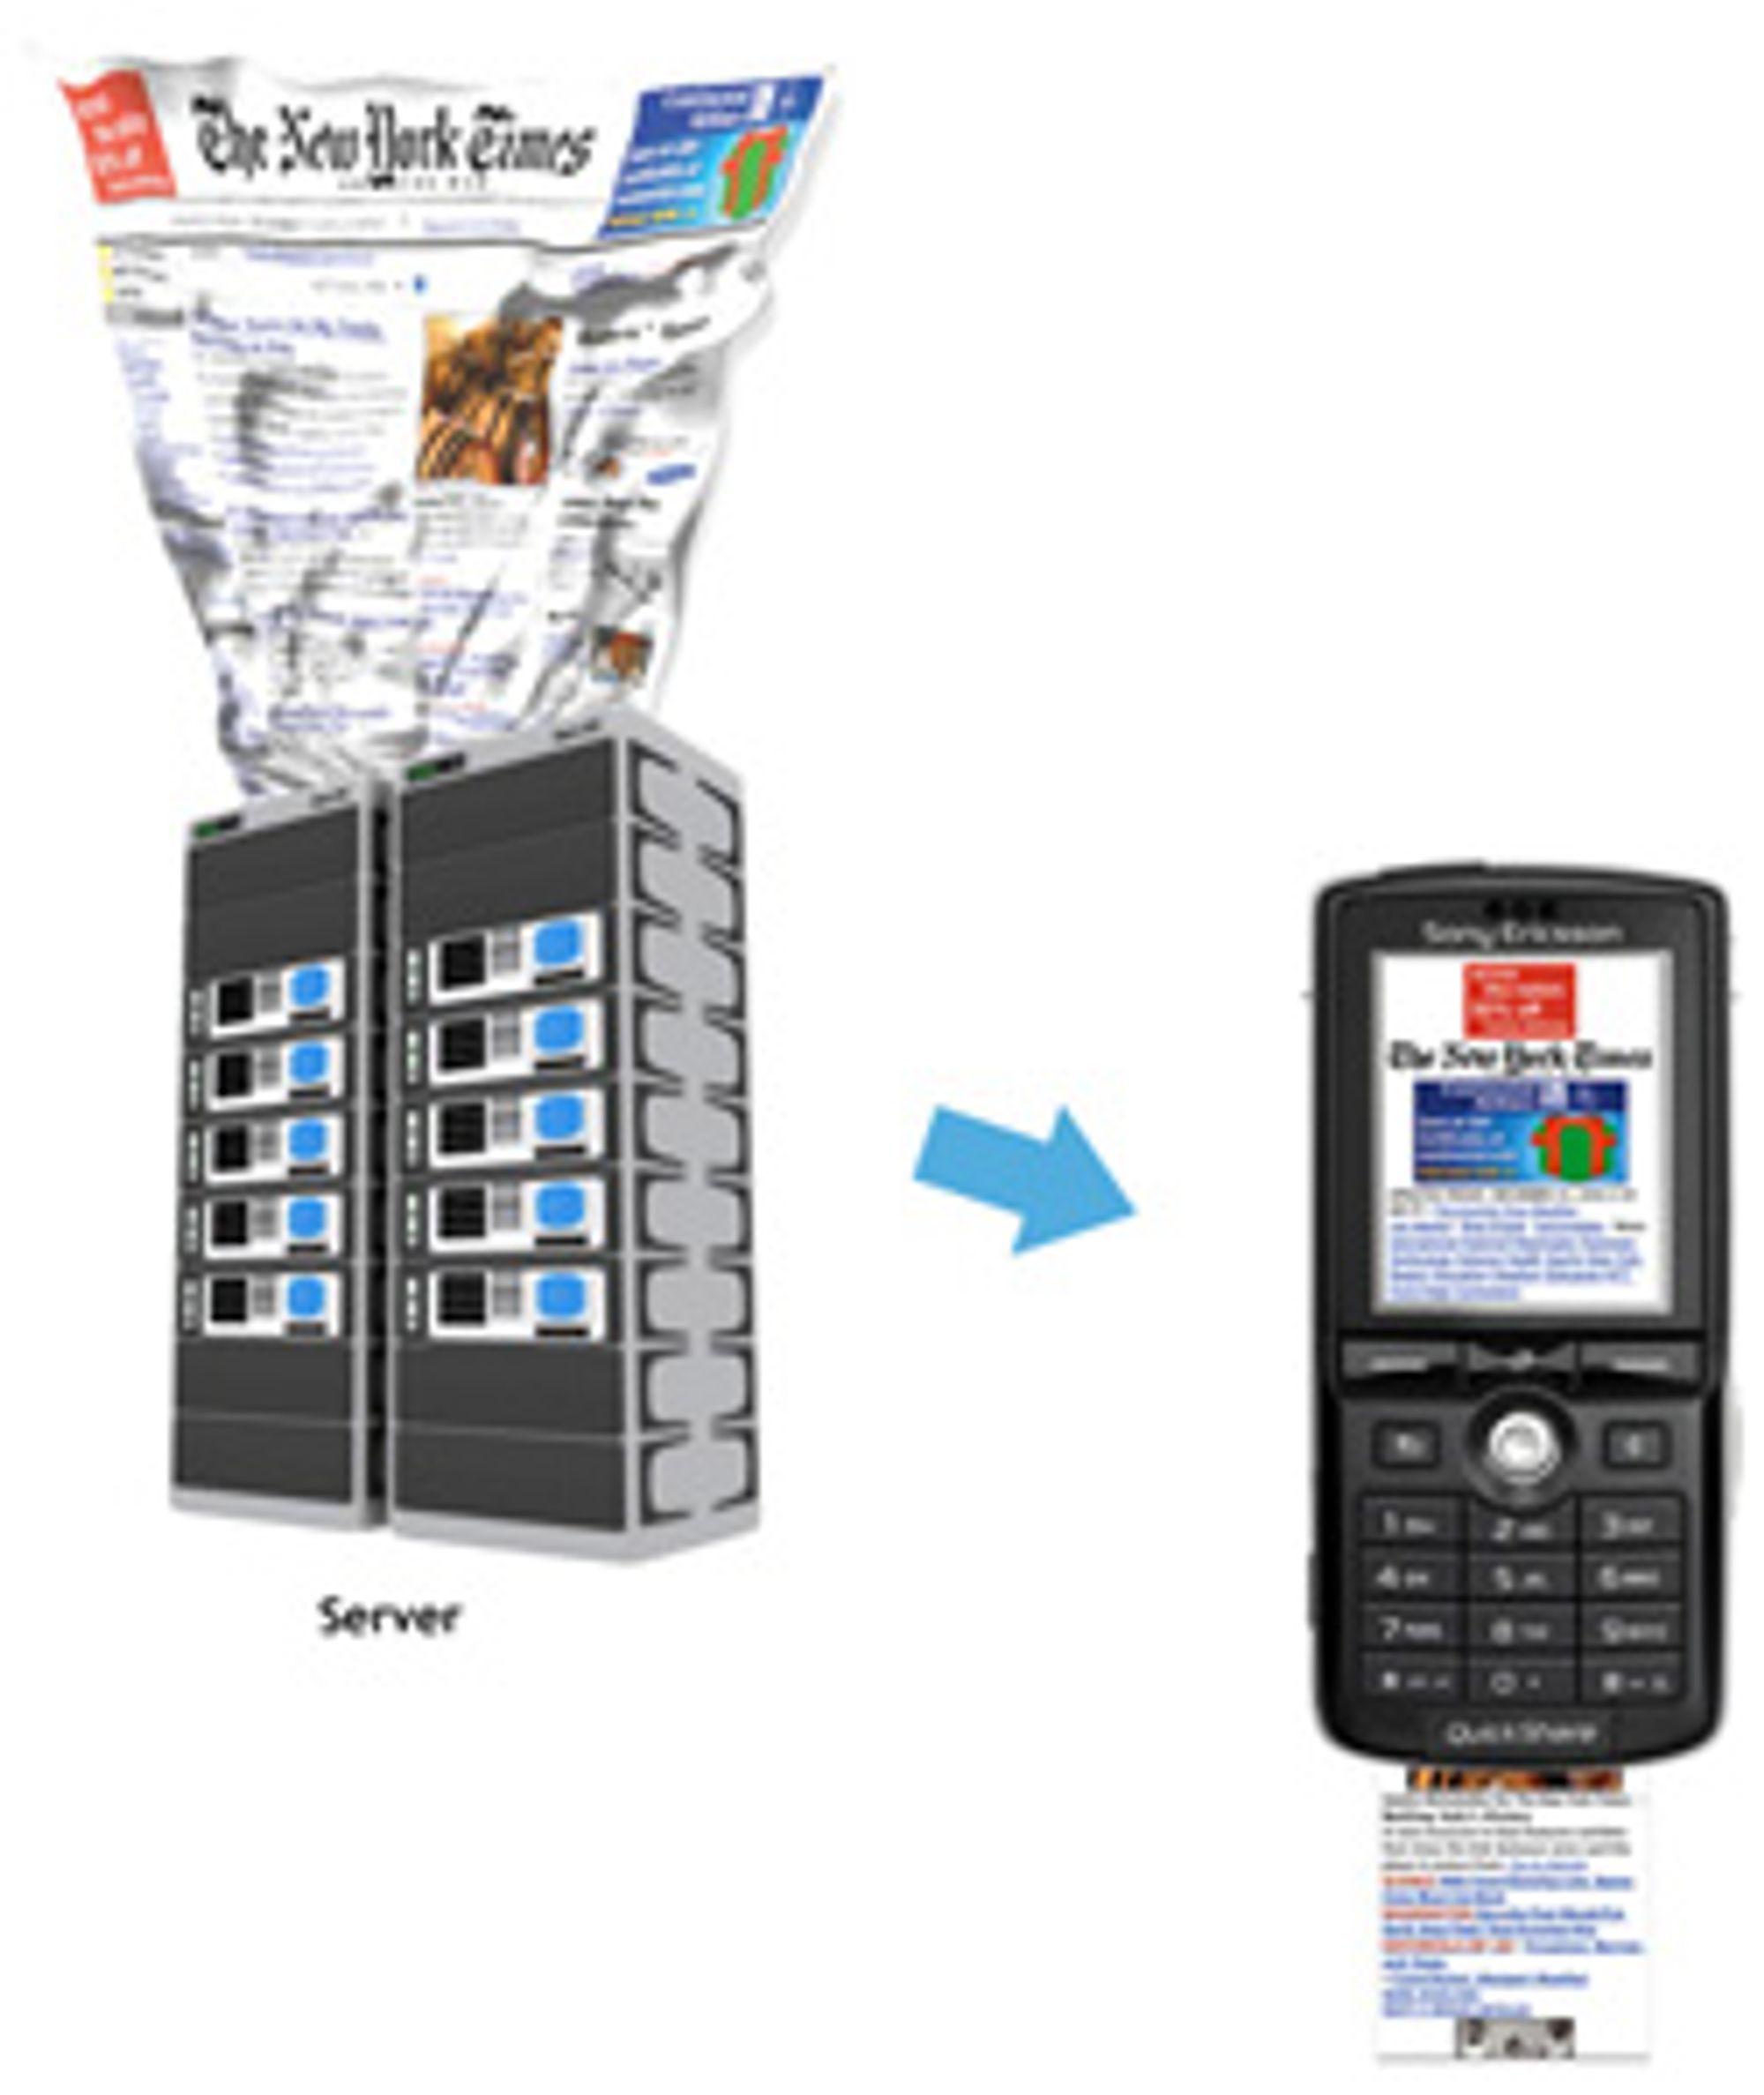 Opera Mini tilpasser vanlige nettsider til mobilen din. (Bilde: Opera)